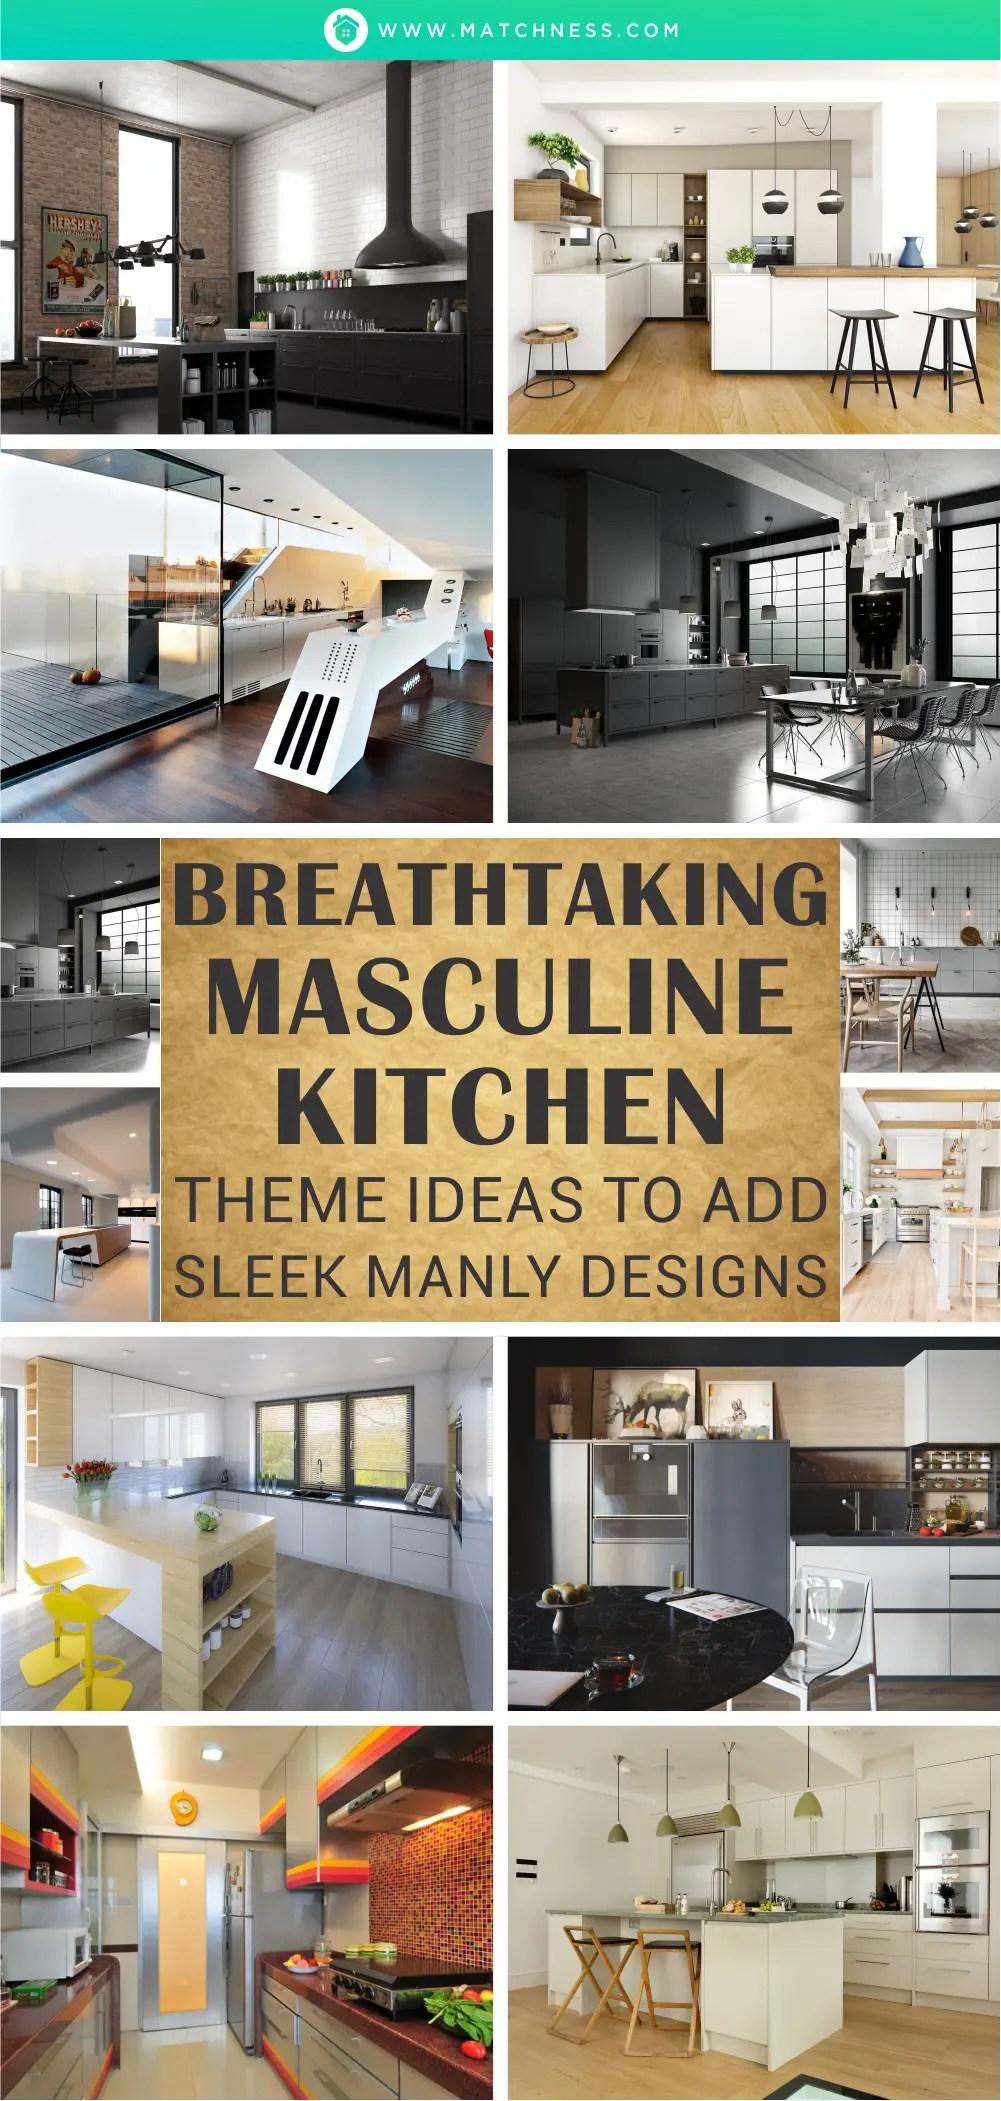 Idee-tema-cucina-maschile-mozzafiato-per-aggiungere-design-elegante-maschili1